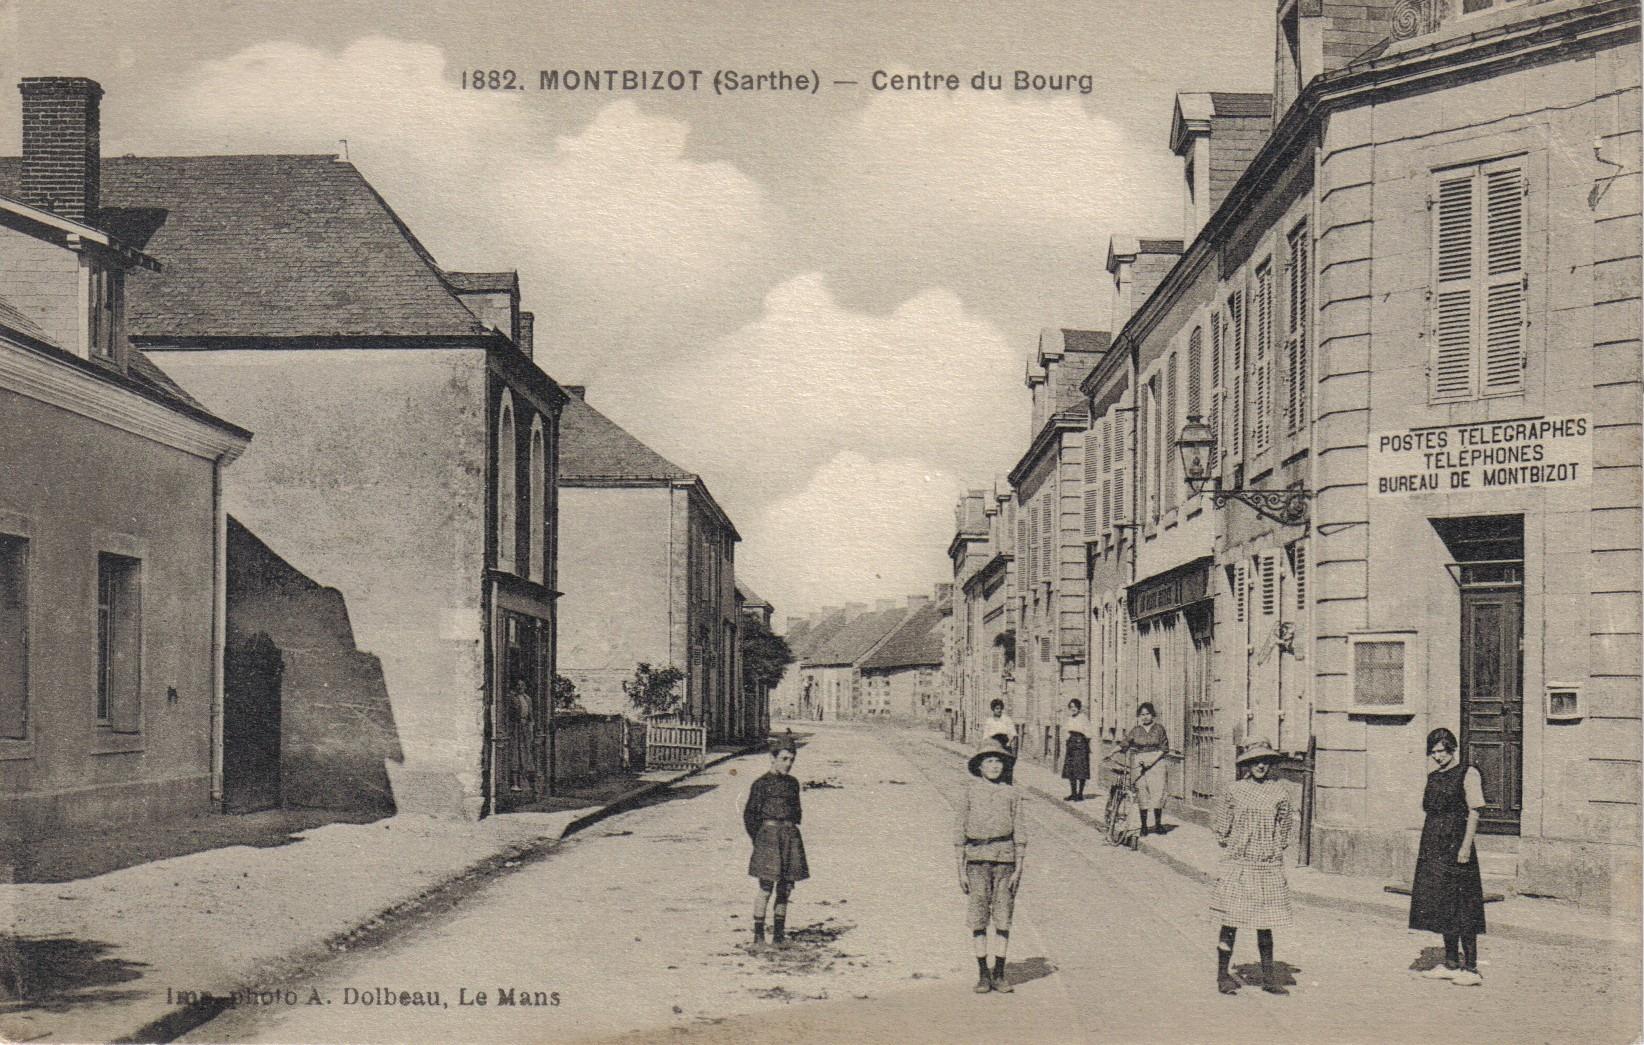 Montbizot - Centre du Bourg